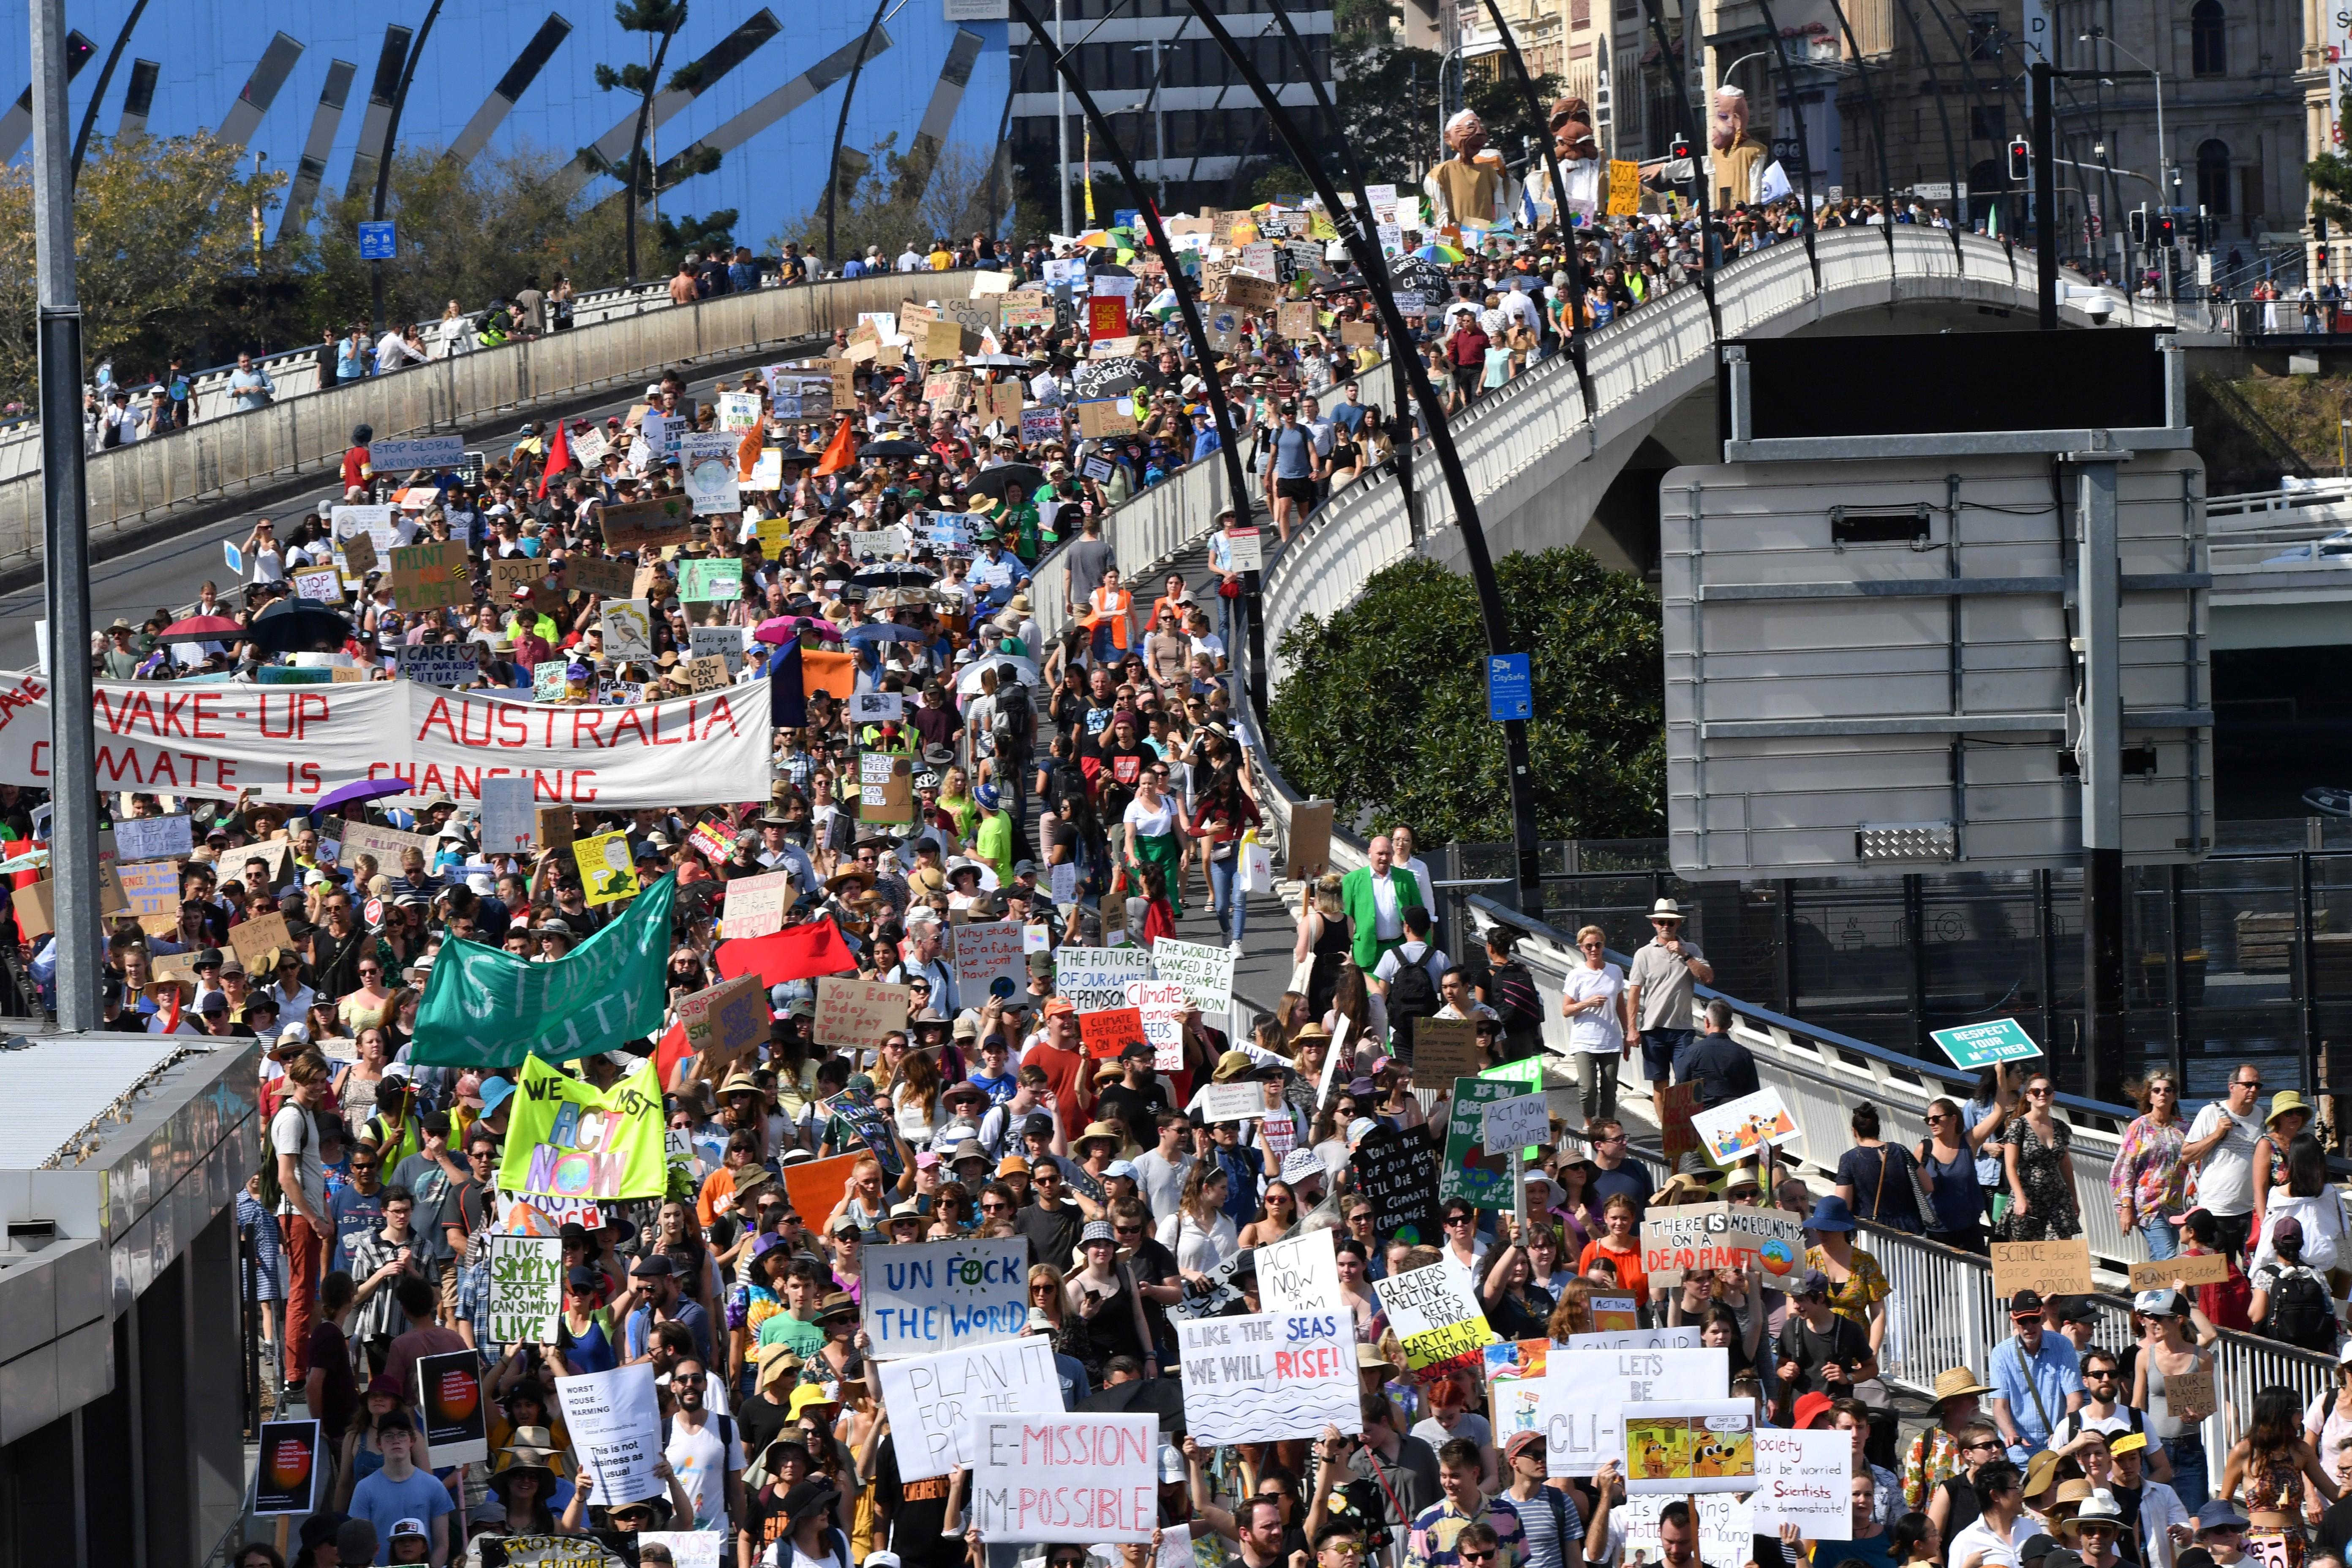 Manifestantes protestam em greve global pelo clima nesta sexta - Notícias - Plantão Diário